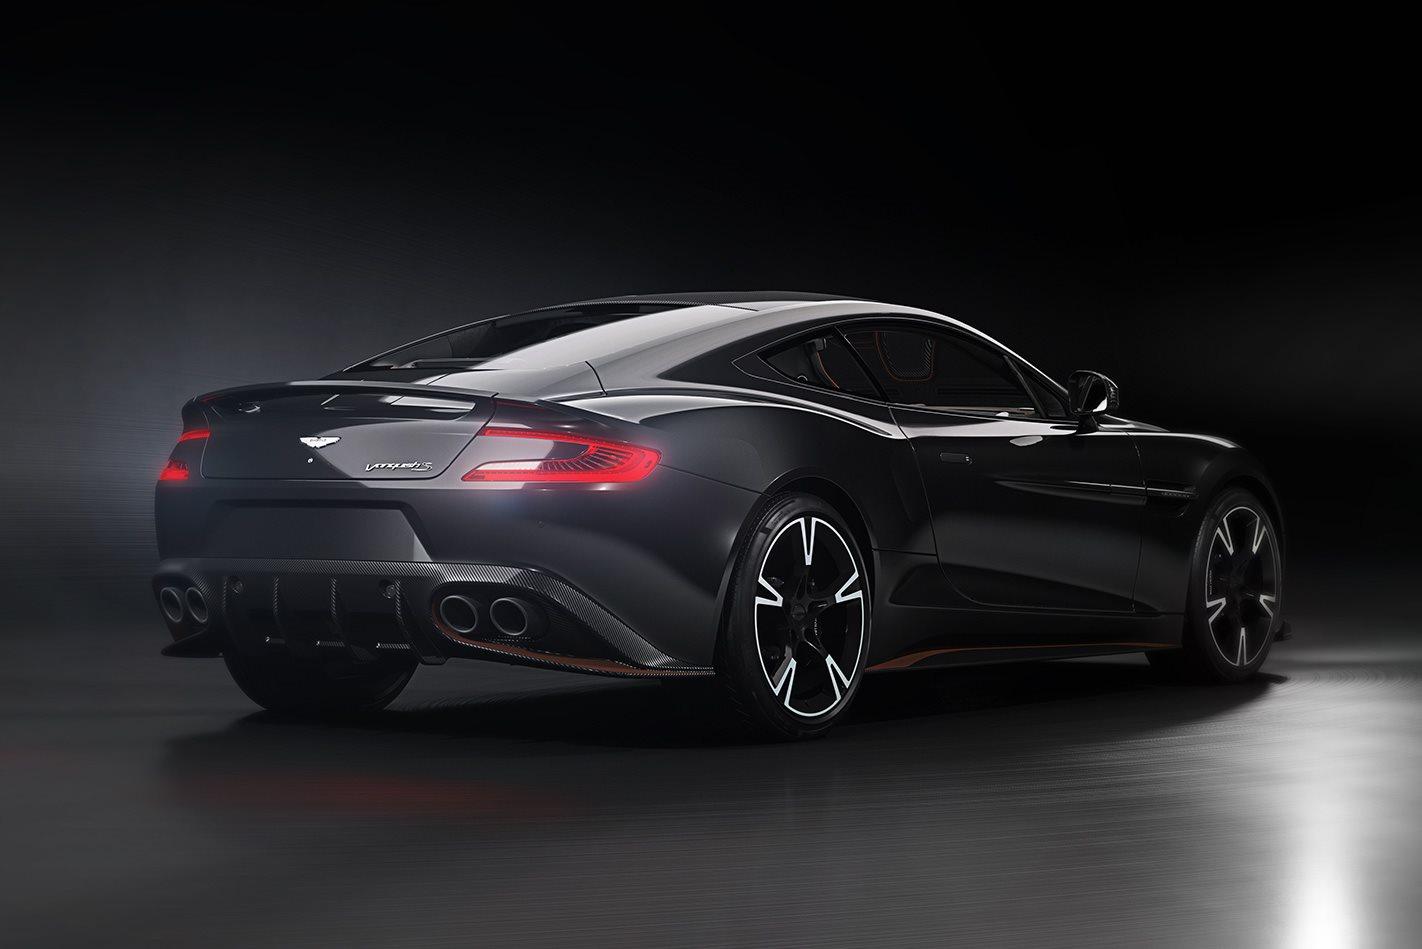 Aston-Martin-Vanquish-Ultimate-rear.jpg